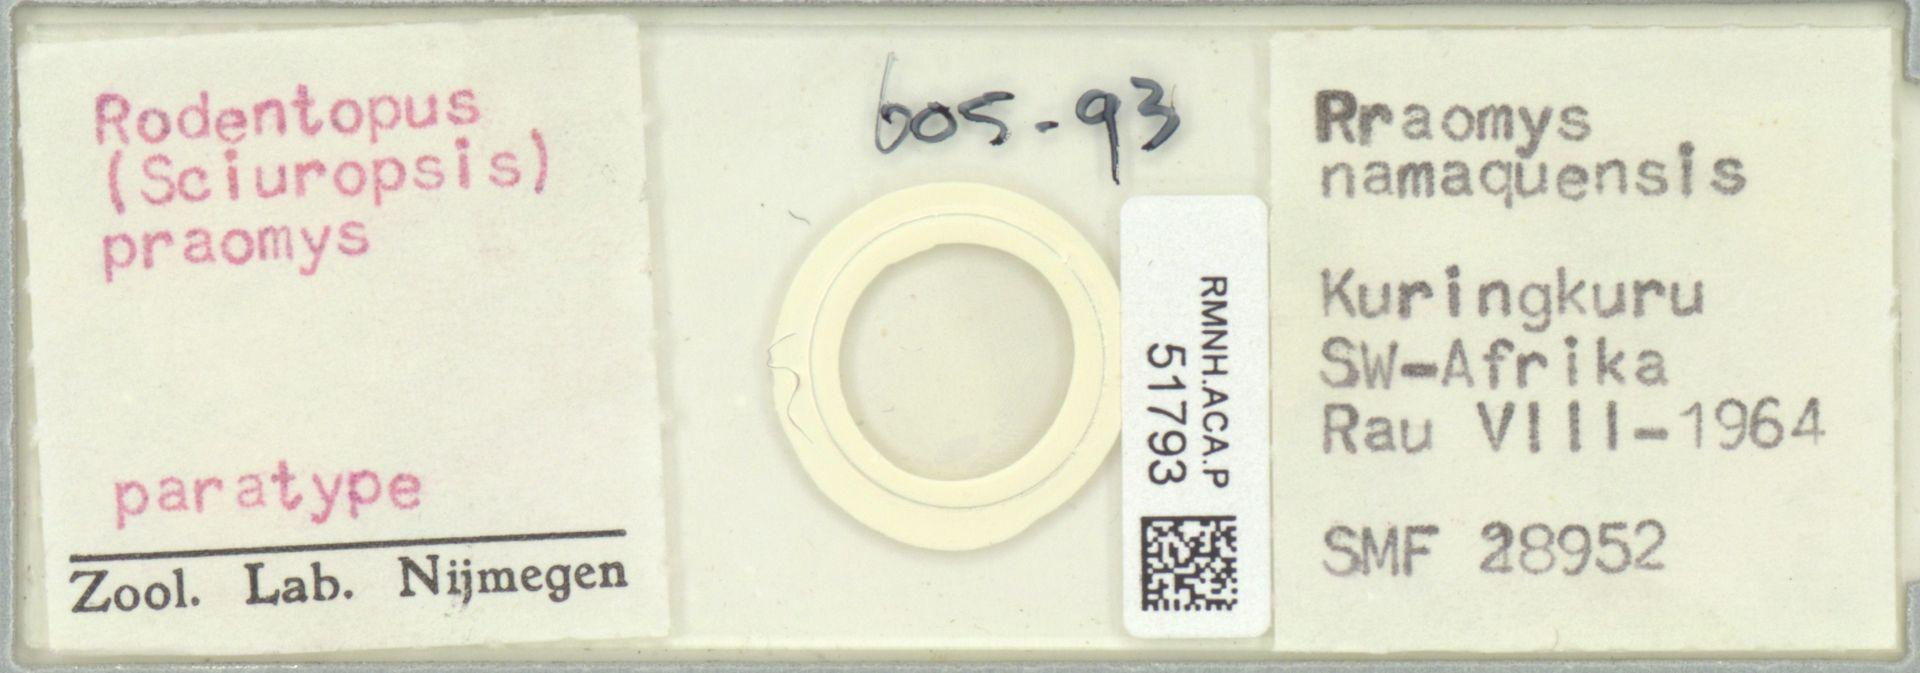 RMNH.ACA.P.51793 | Rodentopus (Sciuropsis) praomys